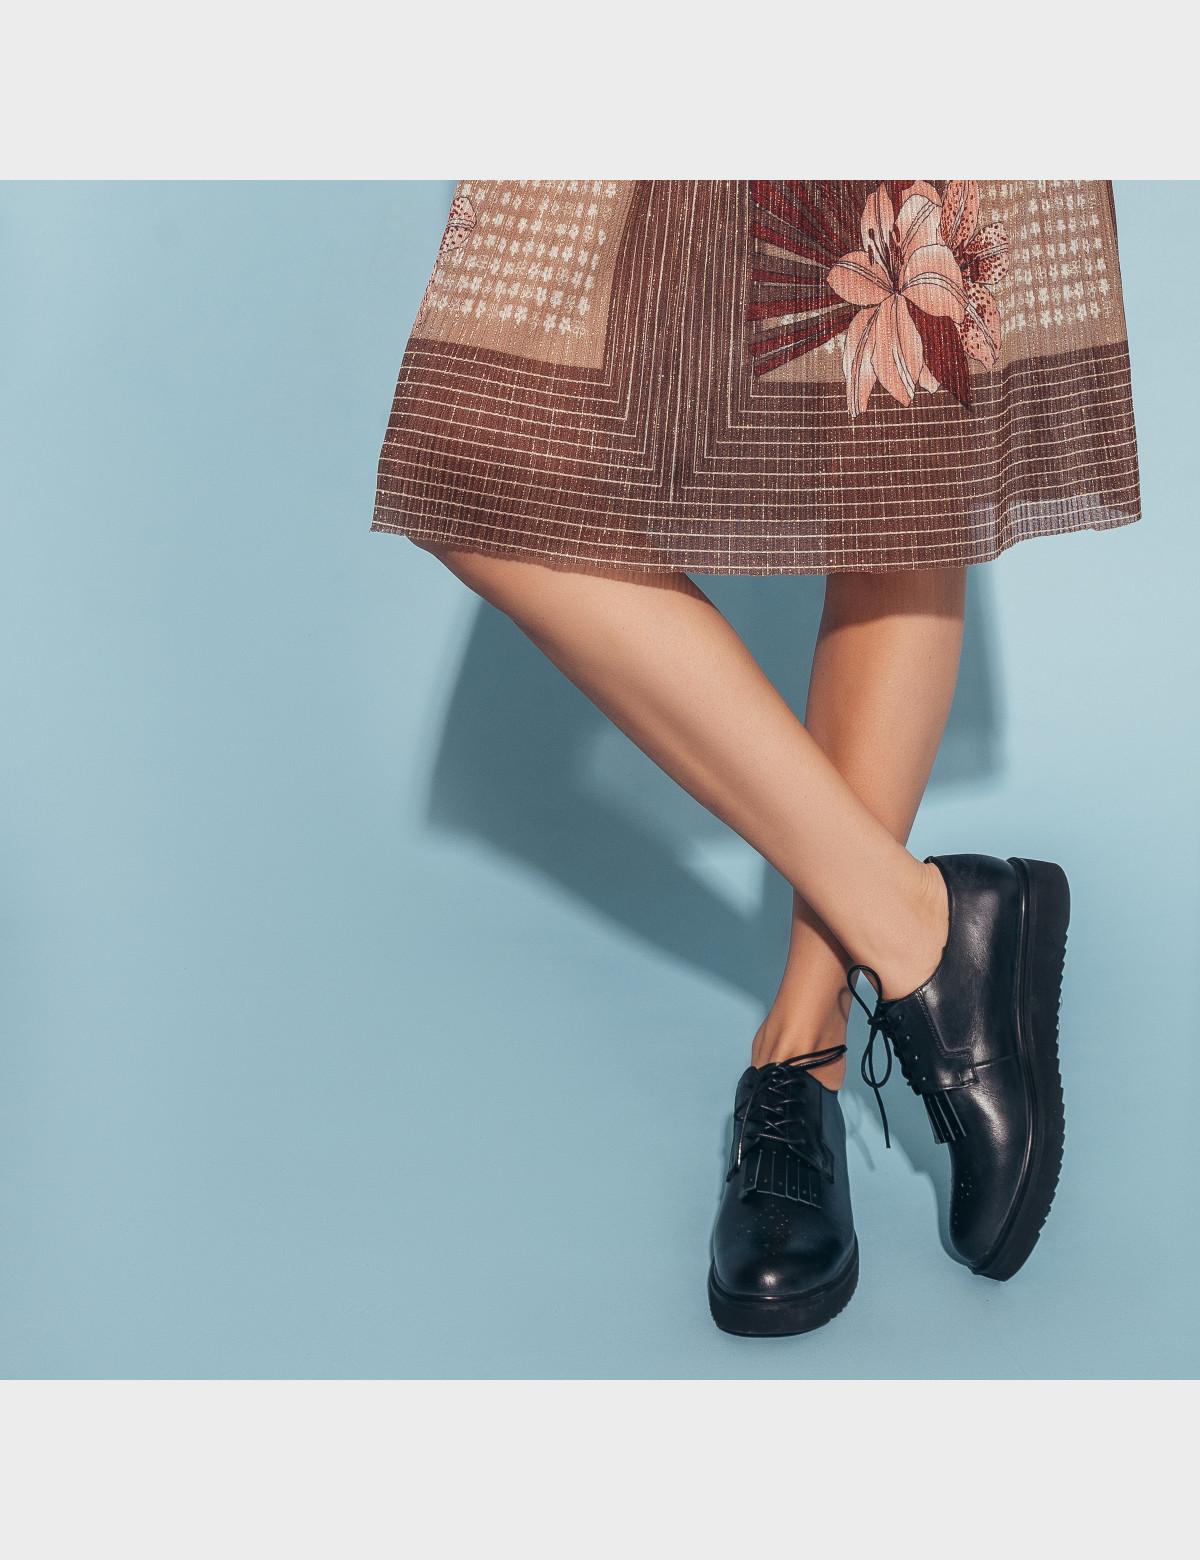 Туфлі чорні, натуральна шкіра7